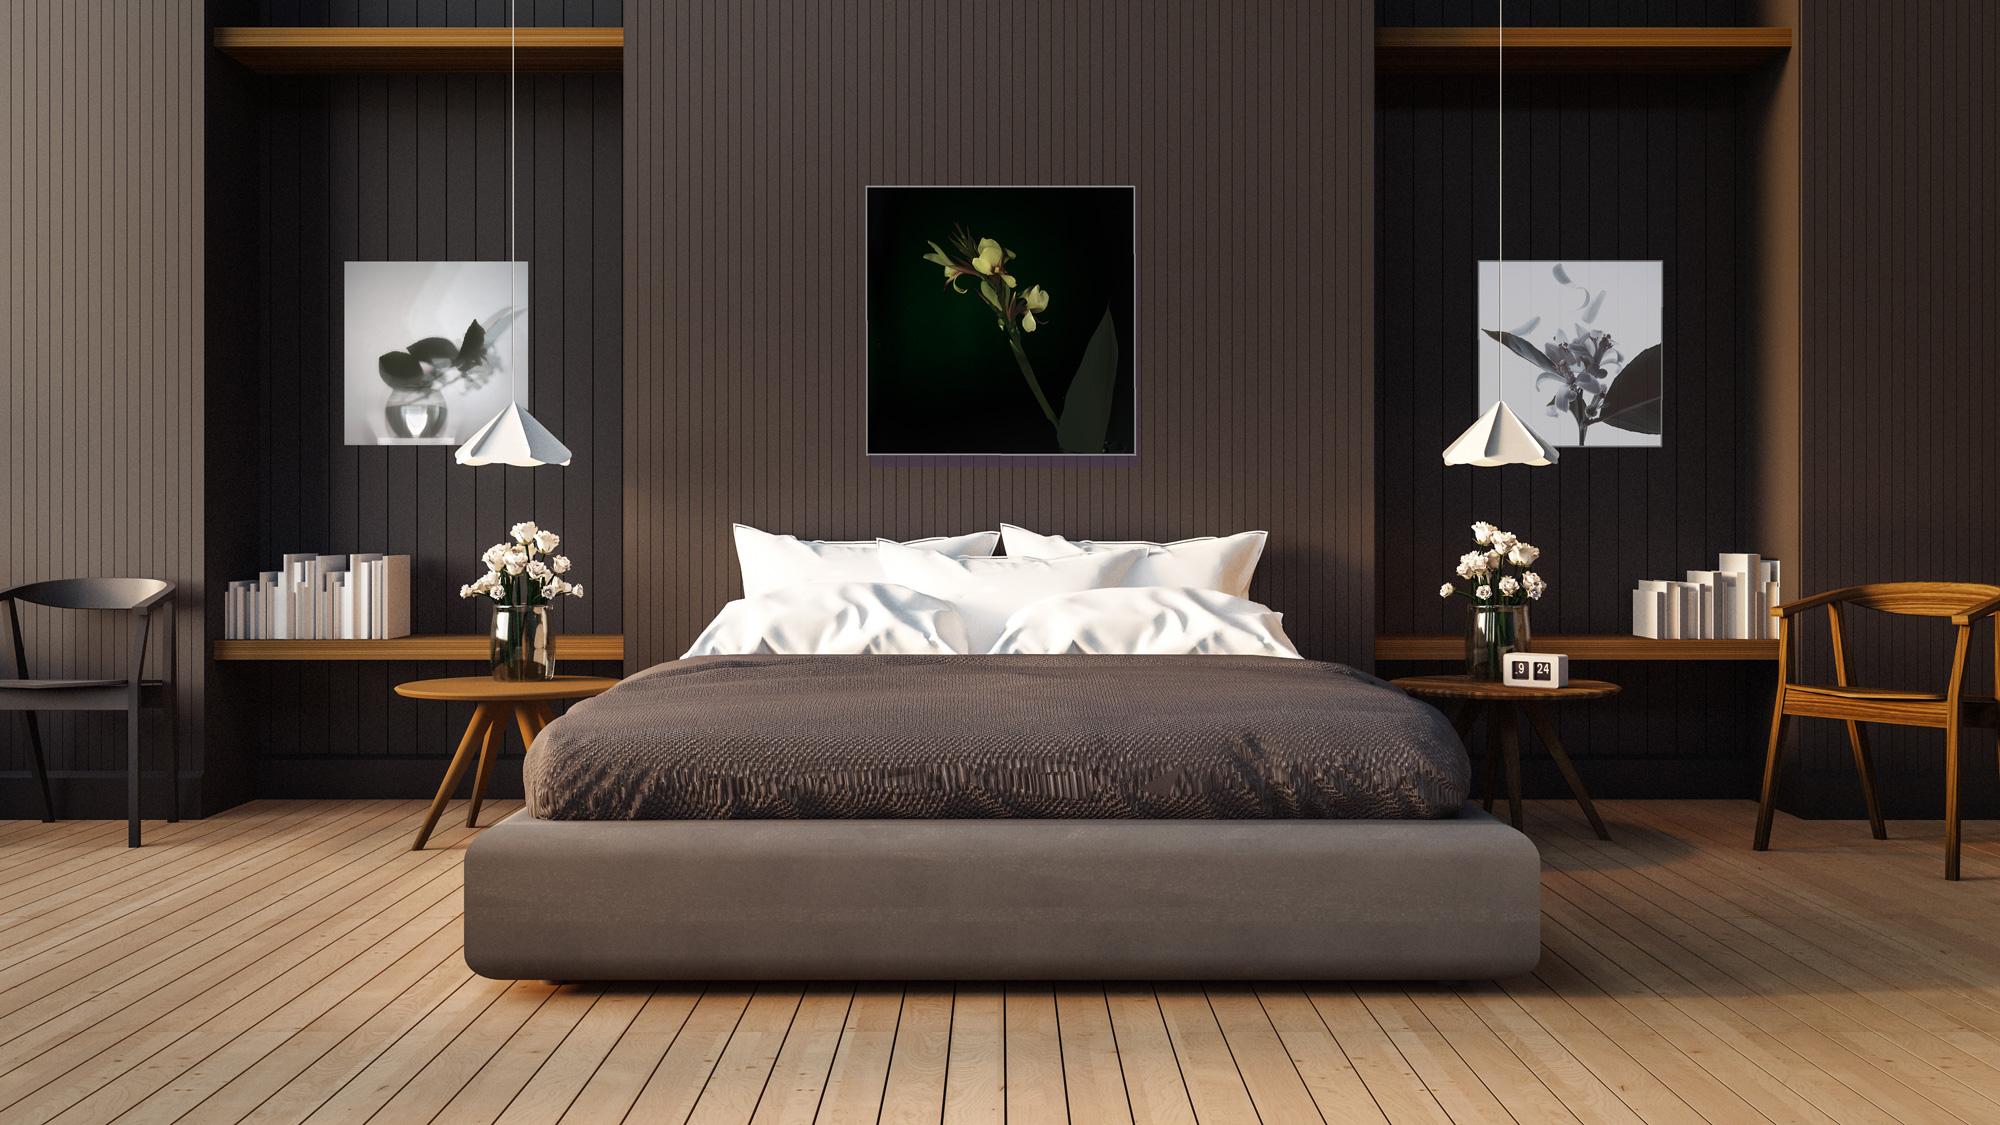 interior-bed-room-2a.jpg